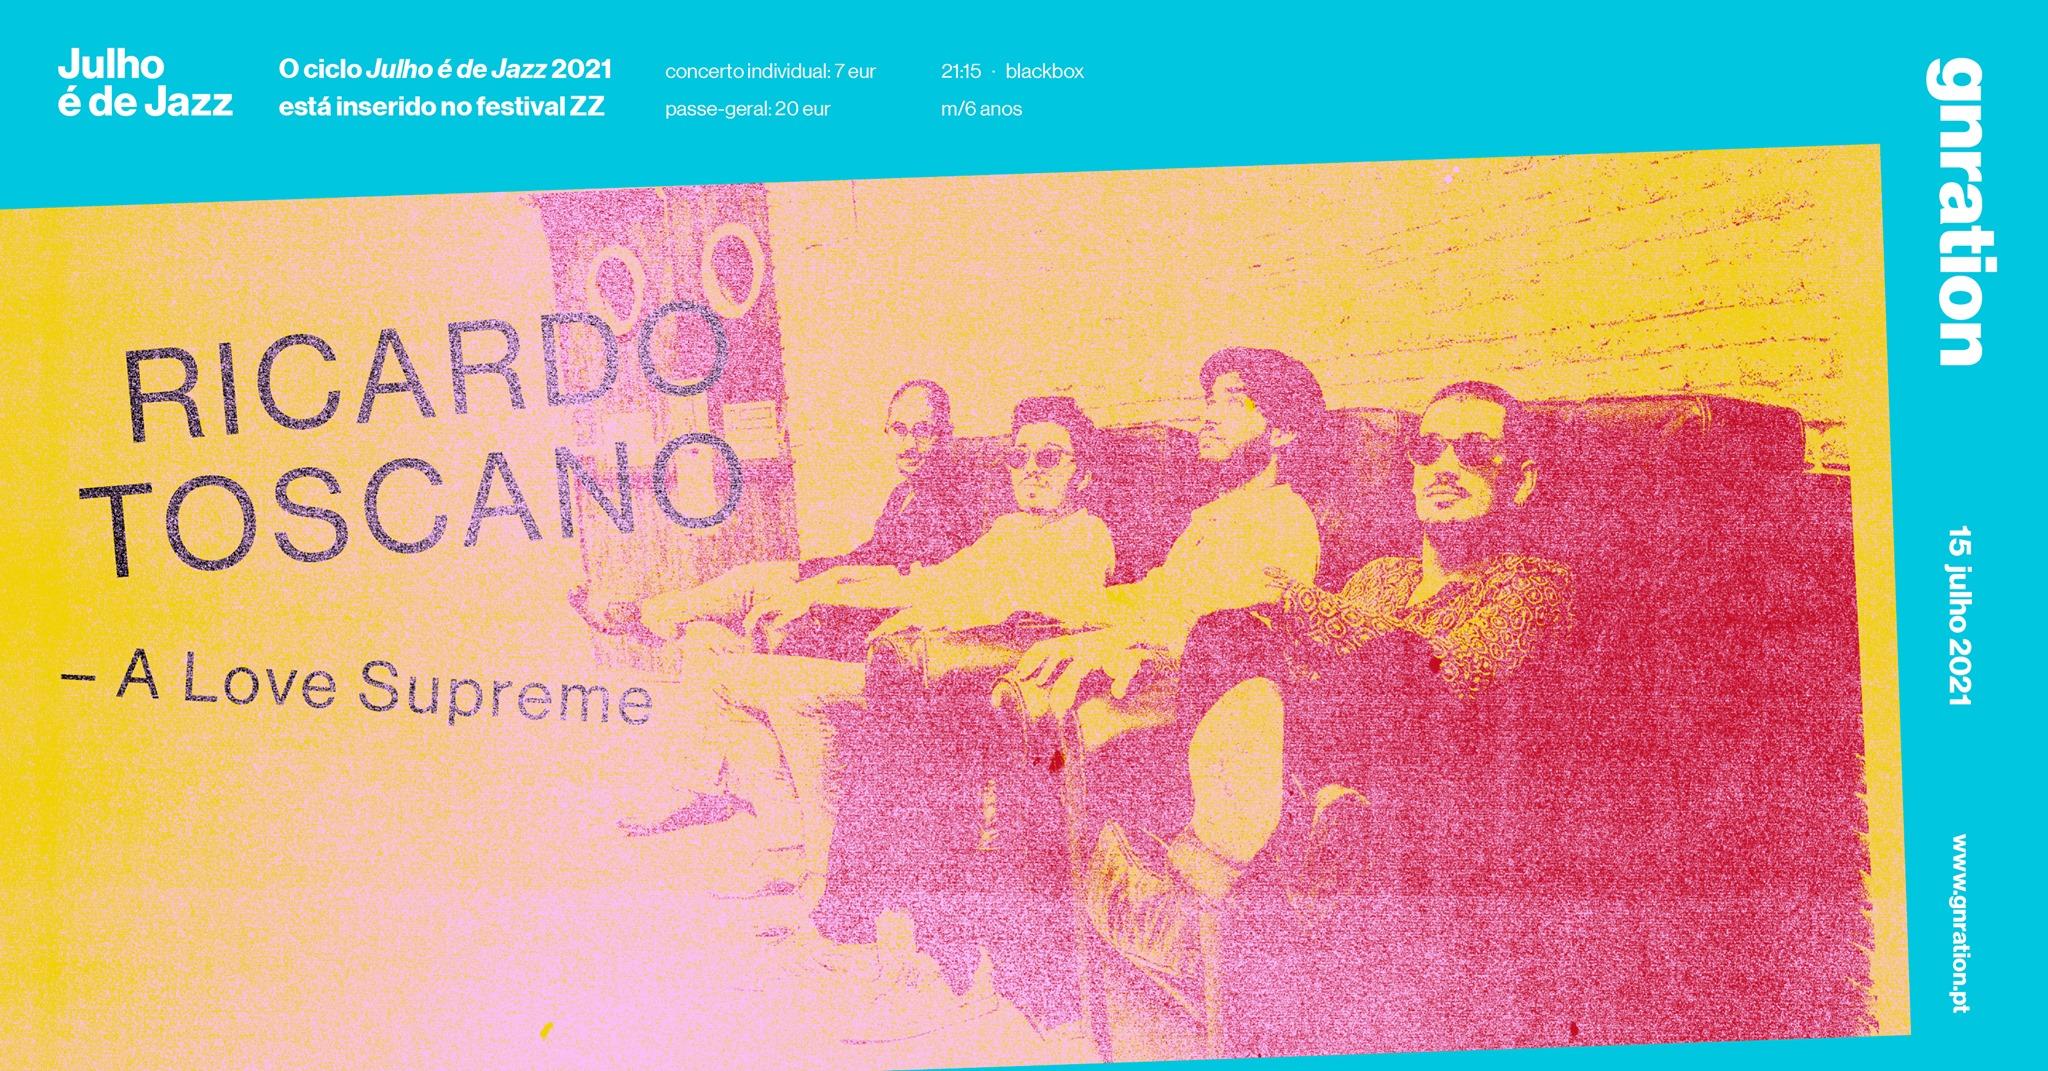 Julho é de Jazz: Ricardo Toscano — A Love Supreme   gnration